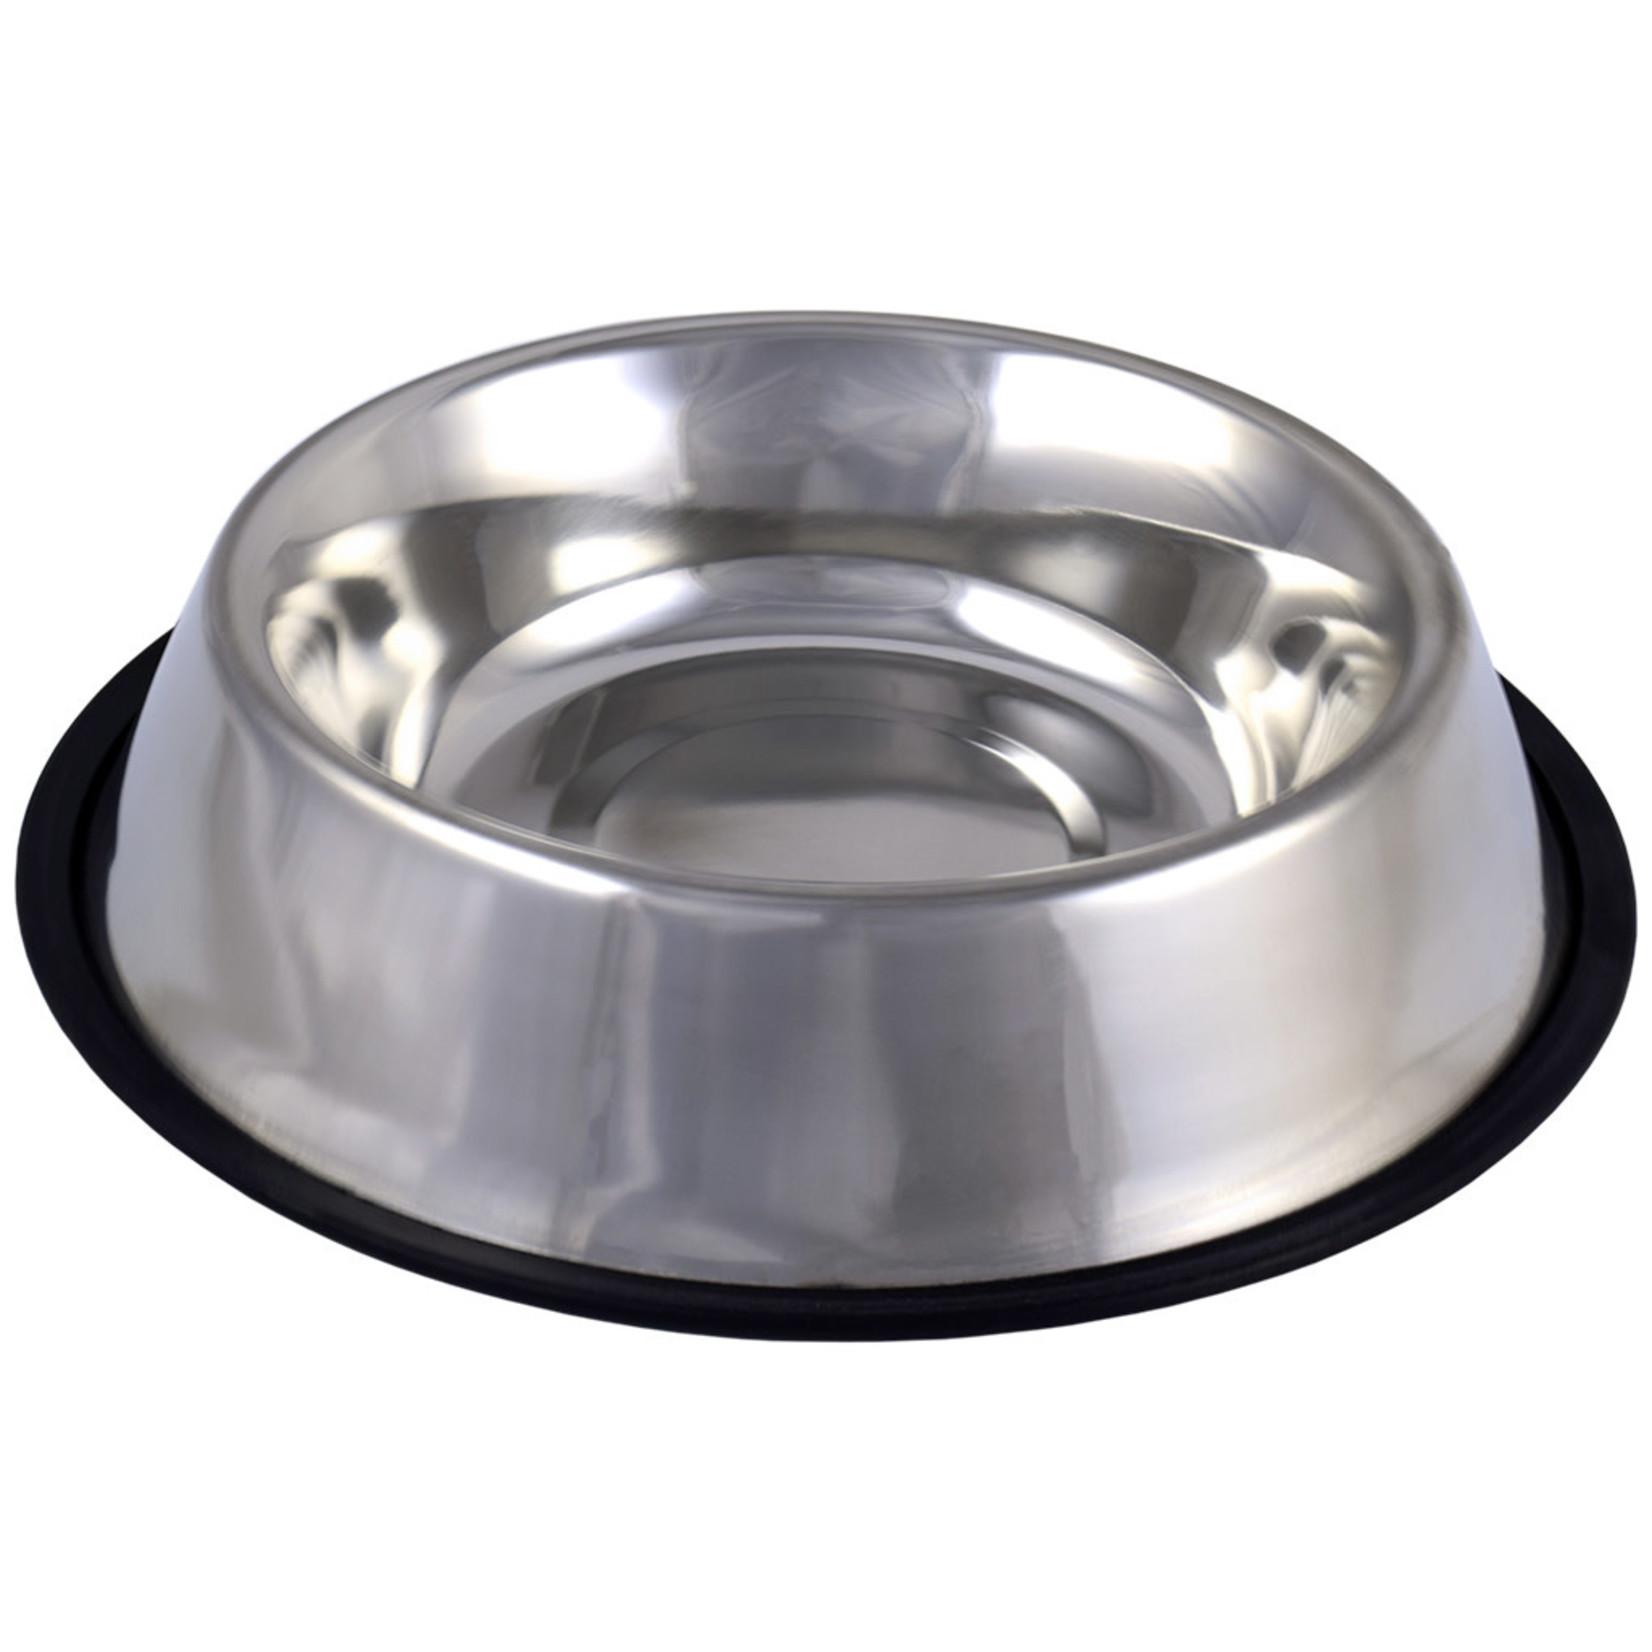 Non-Skid Stainless-Steel Enhanced Bowl